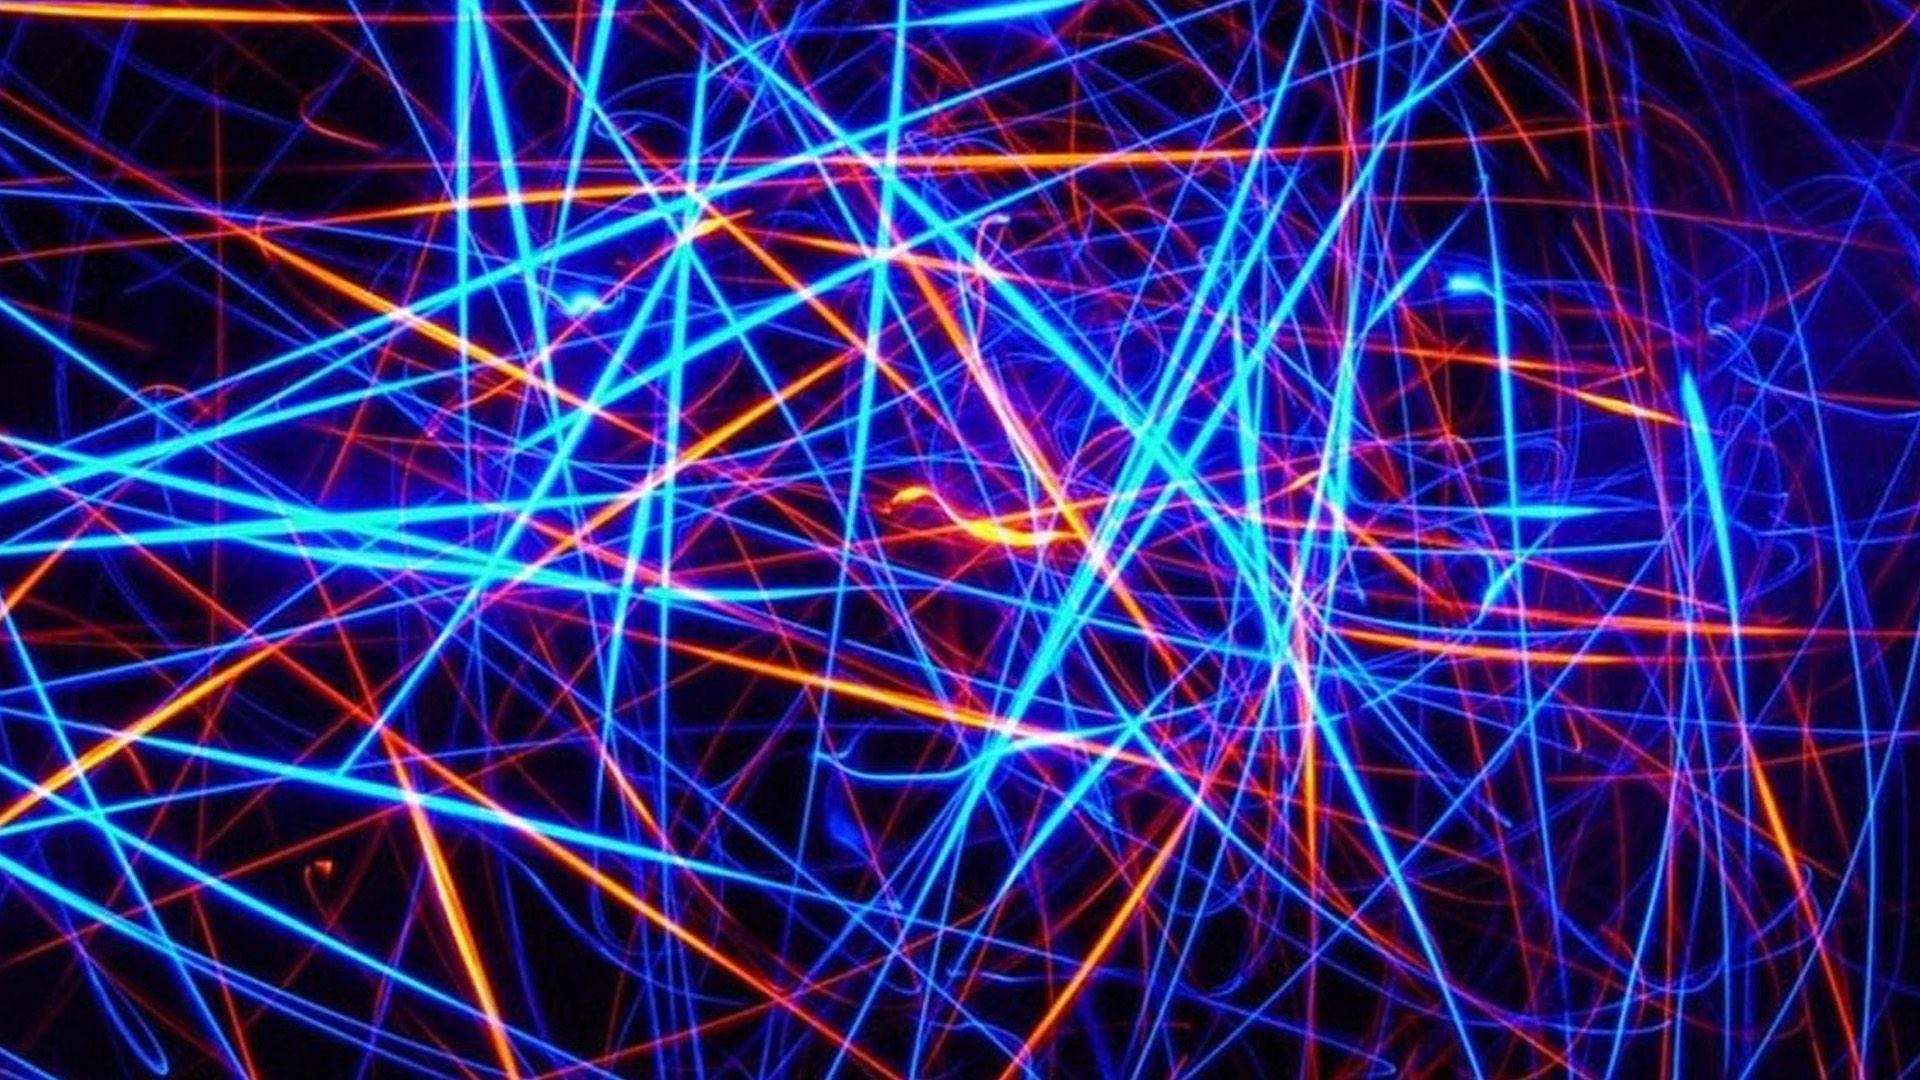 Light Abstract Wallpaper HD